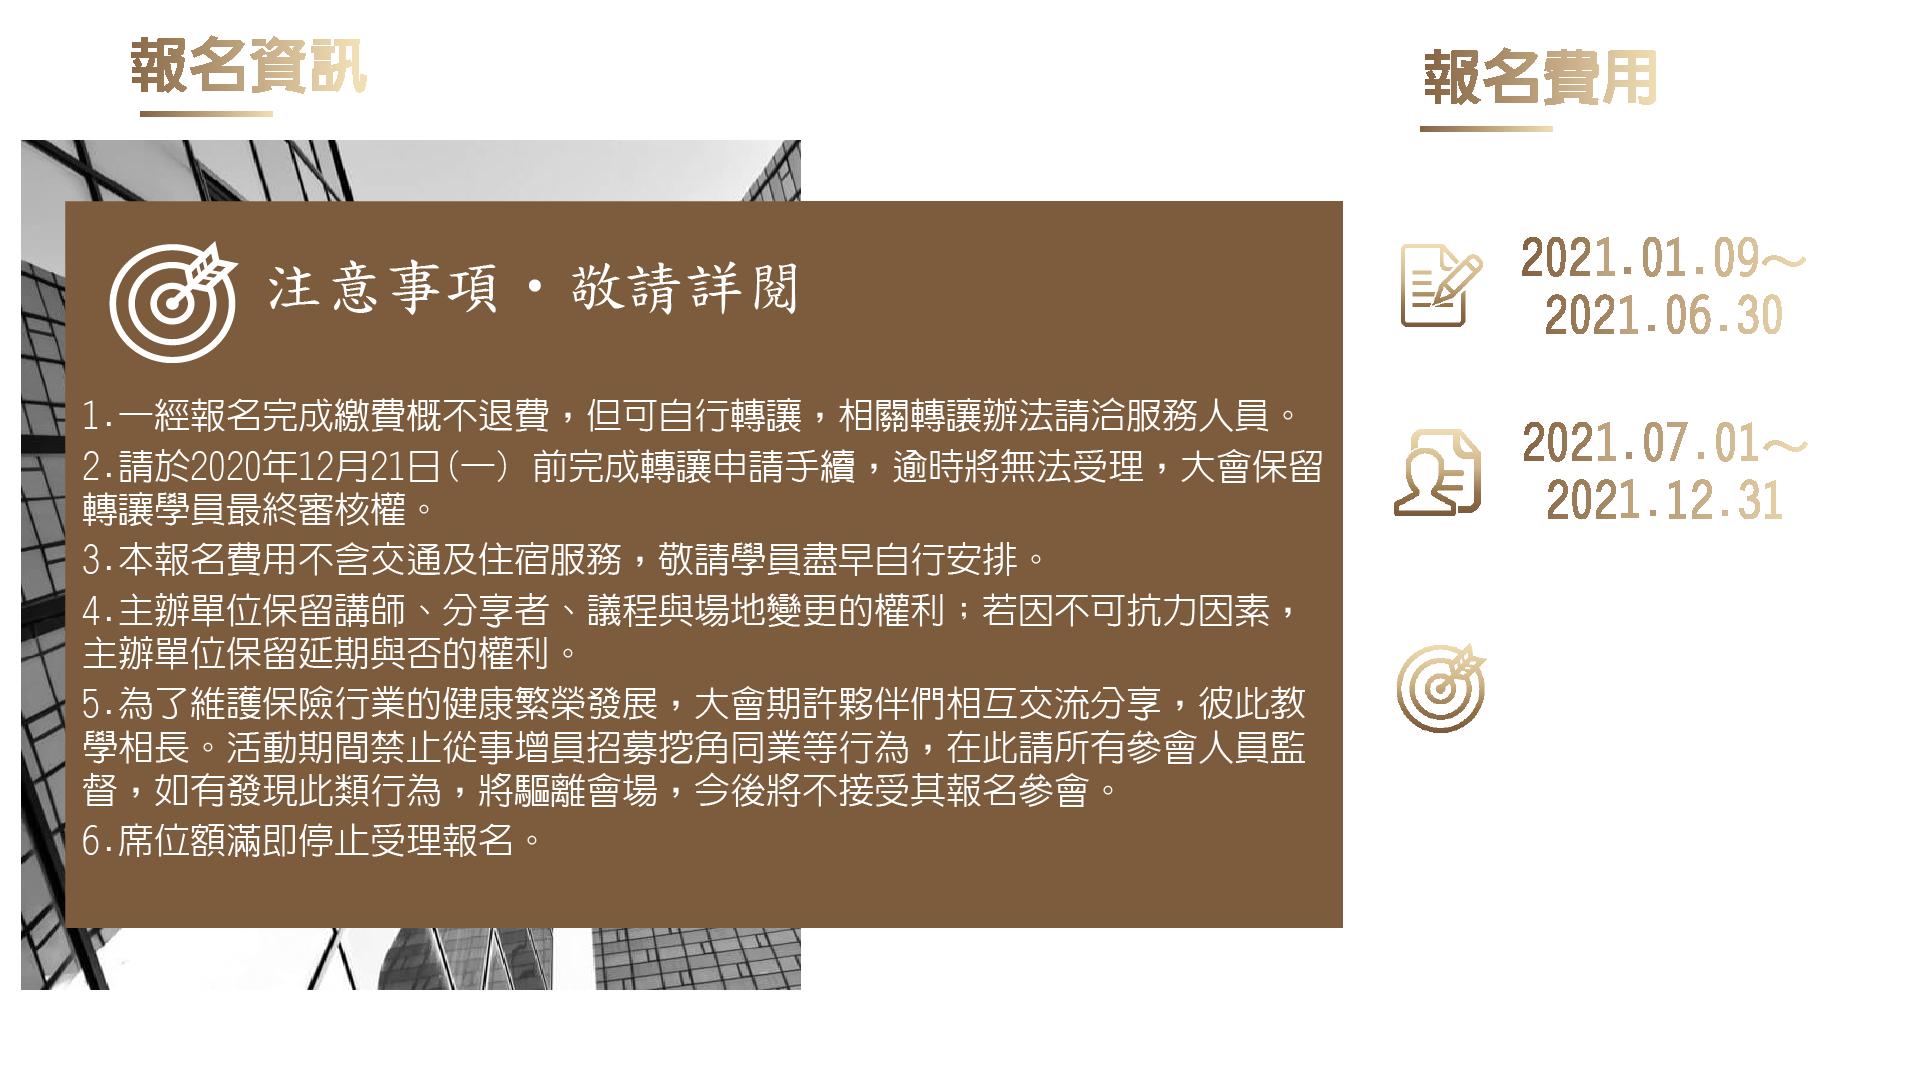 imcc報名資訊